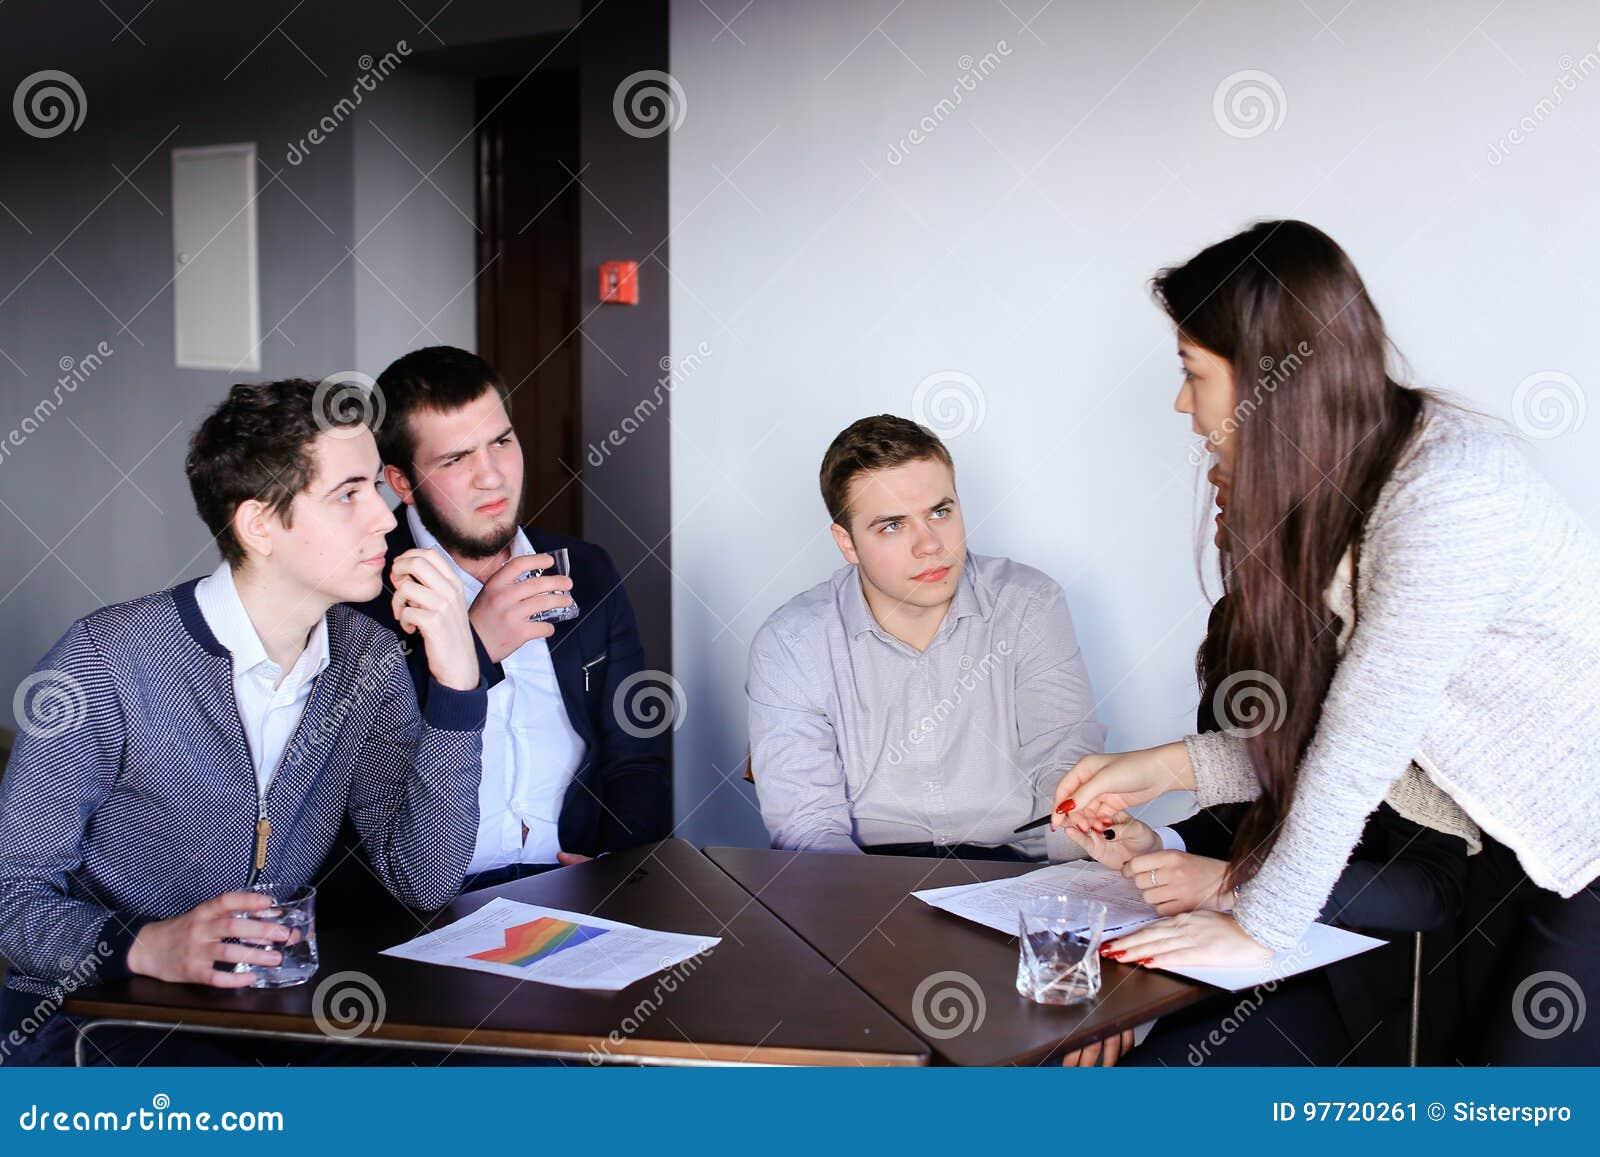 Kluge Manner Und Junge Frauen Streiten Und Bilden Aufgaben Fur Sich